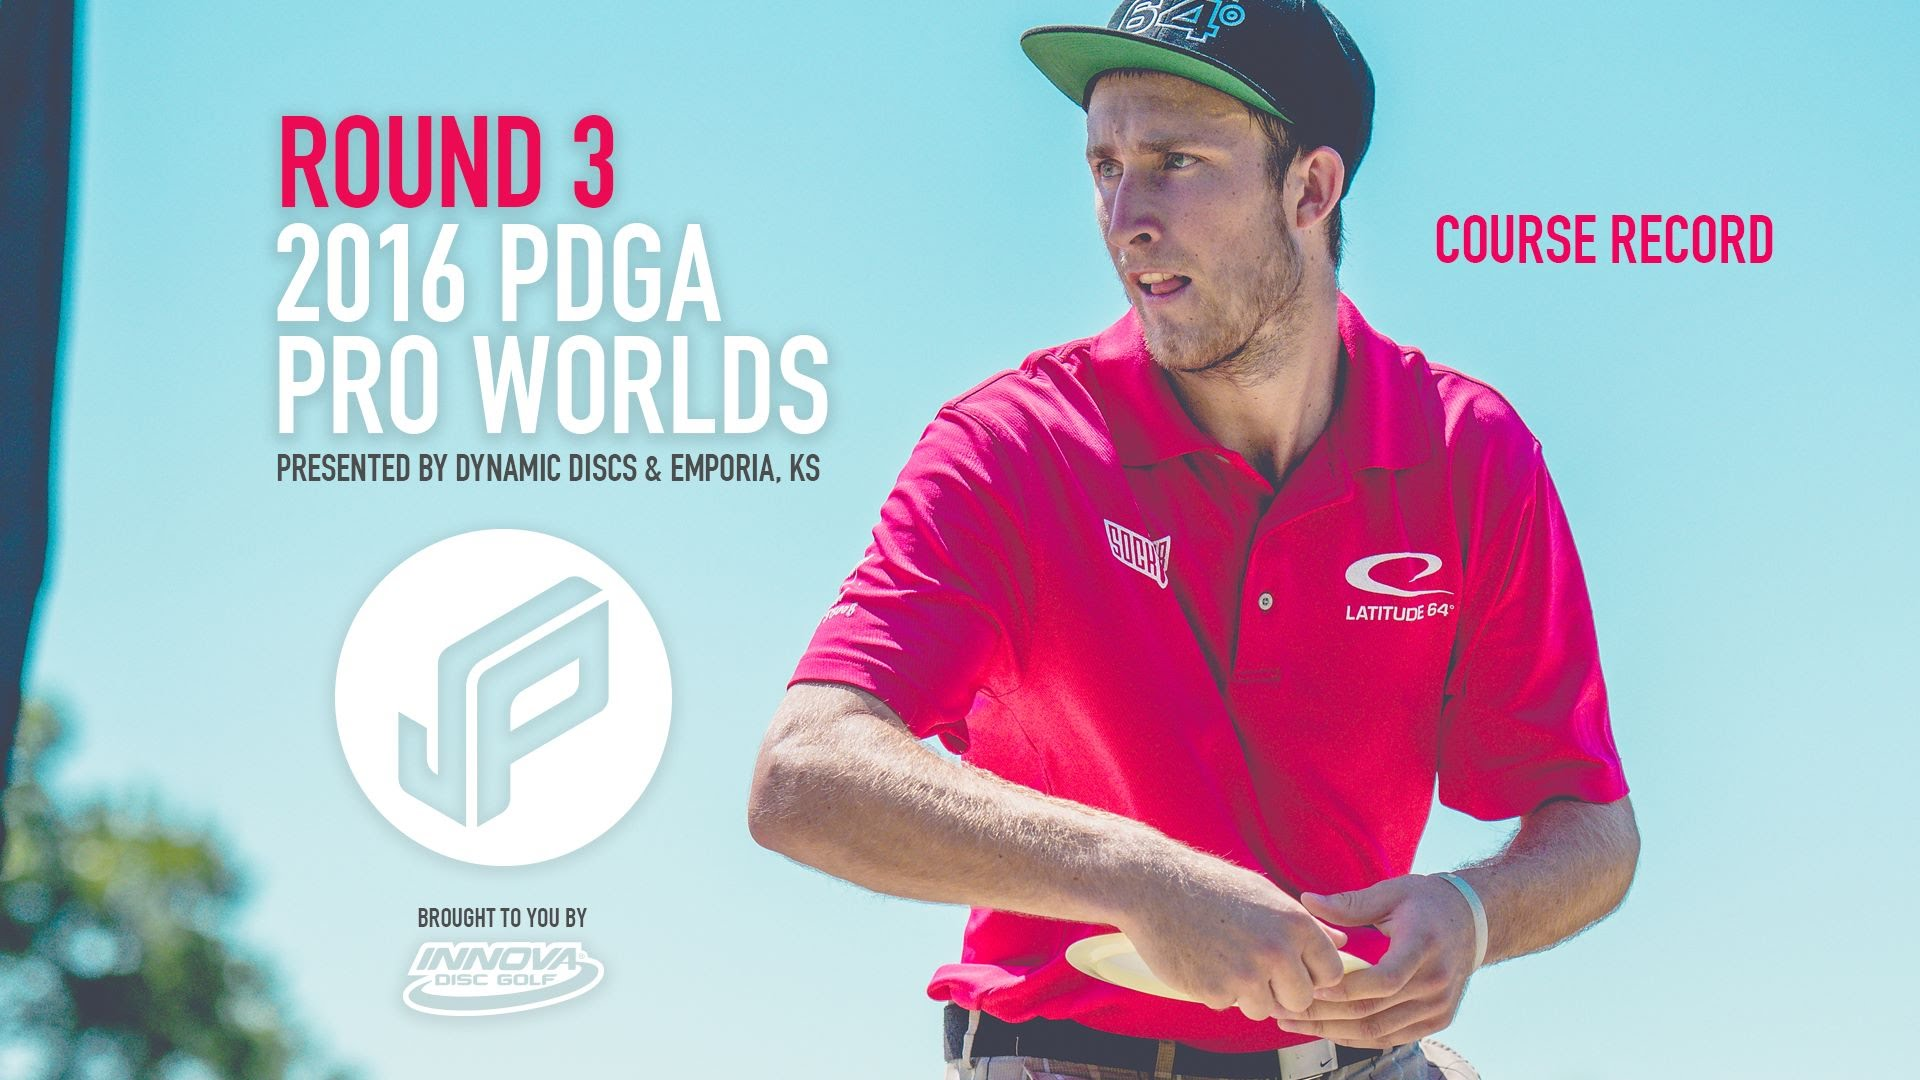 2016 PDGA Pro Worlds Round 3